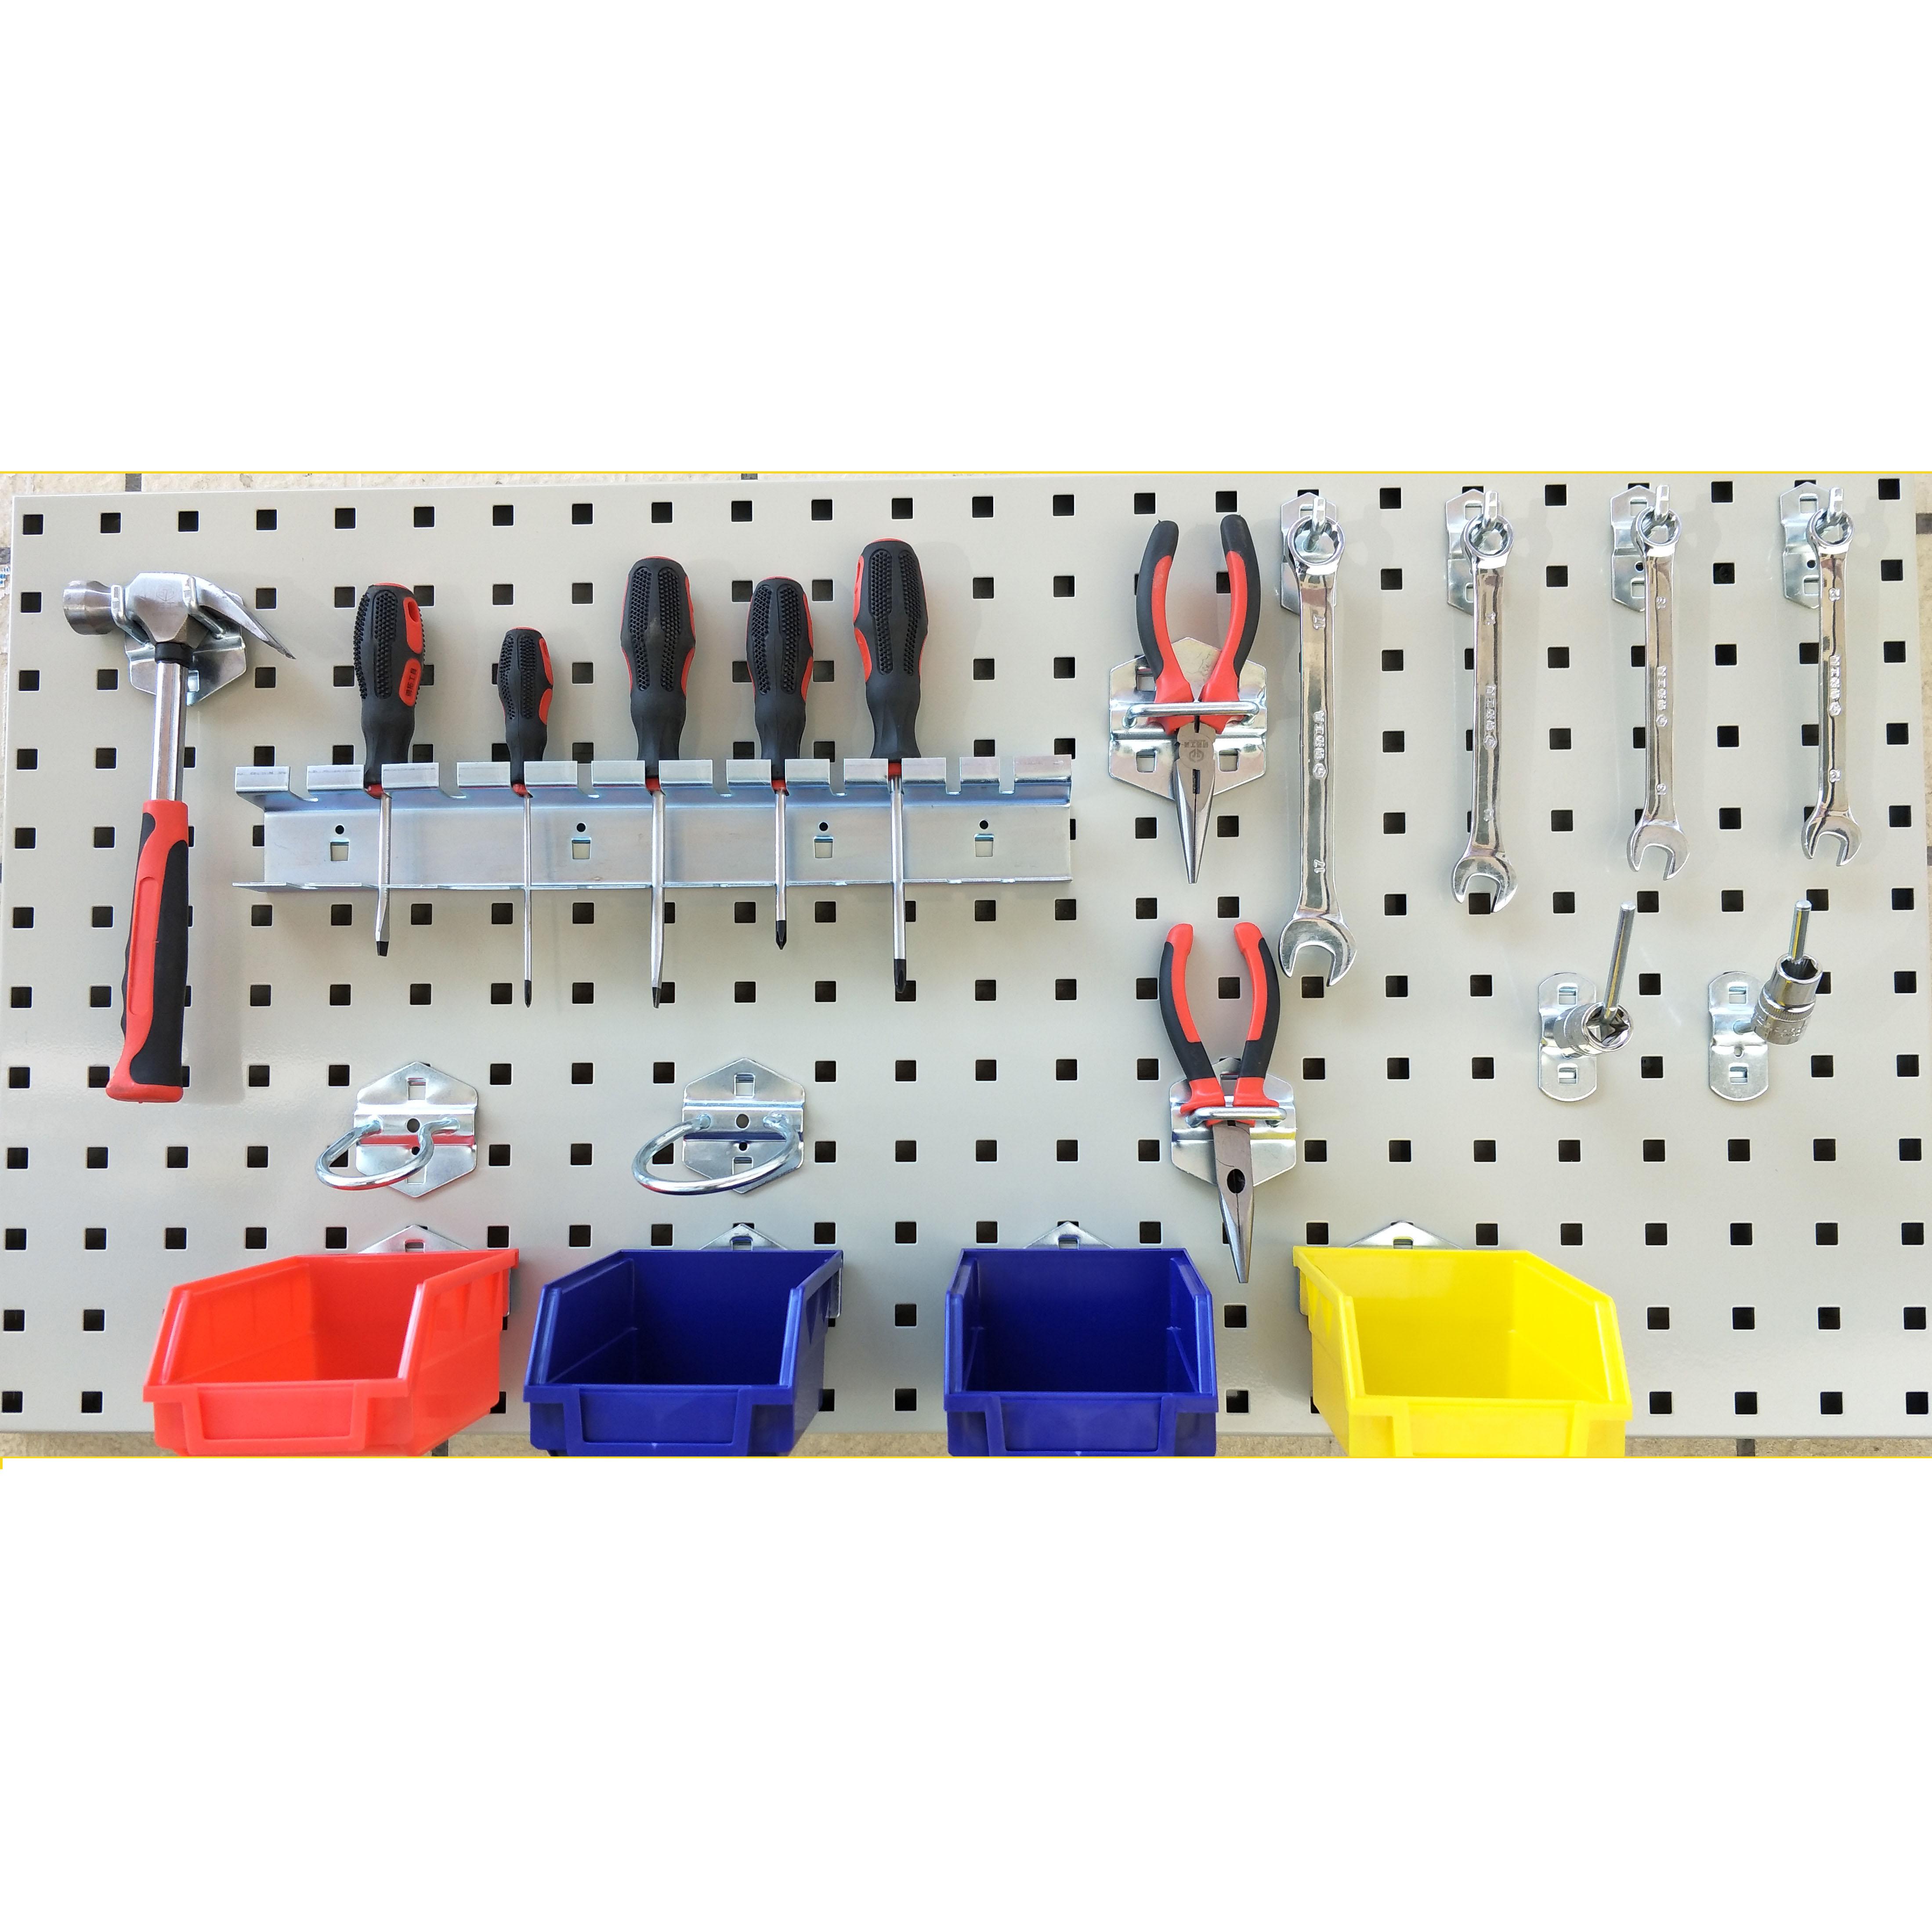 工具挂板架汽车维修工具架挂板多功能工具货架挂钩方孔工具挂板